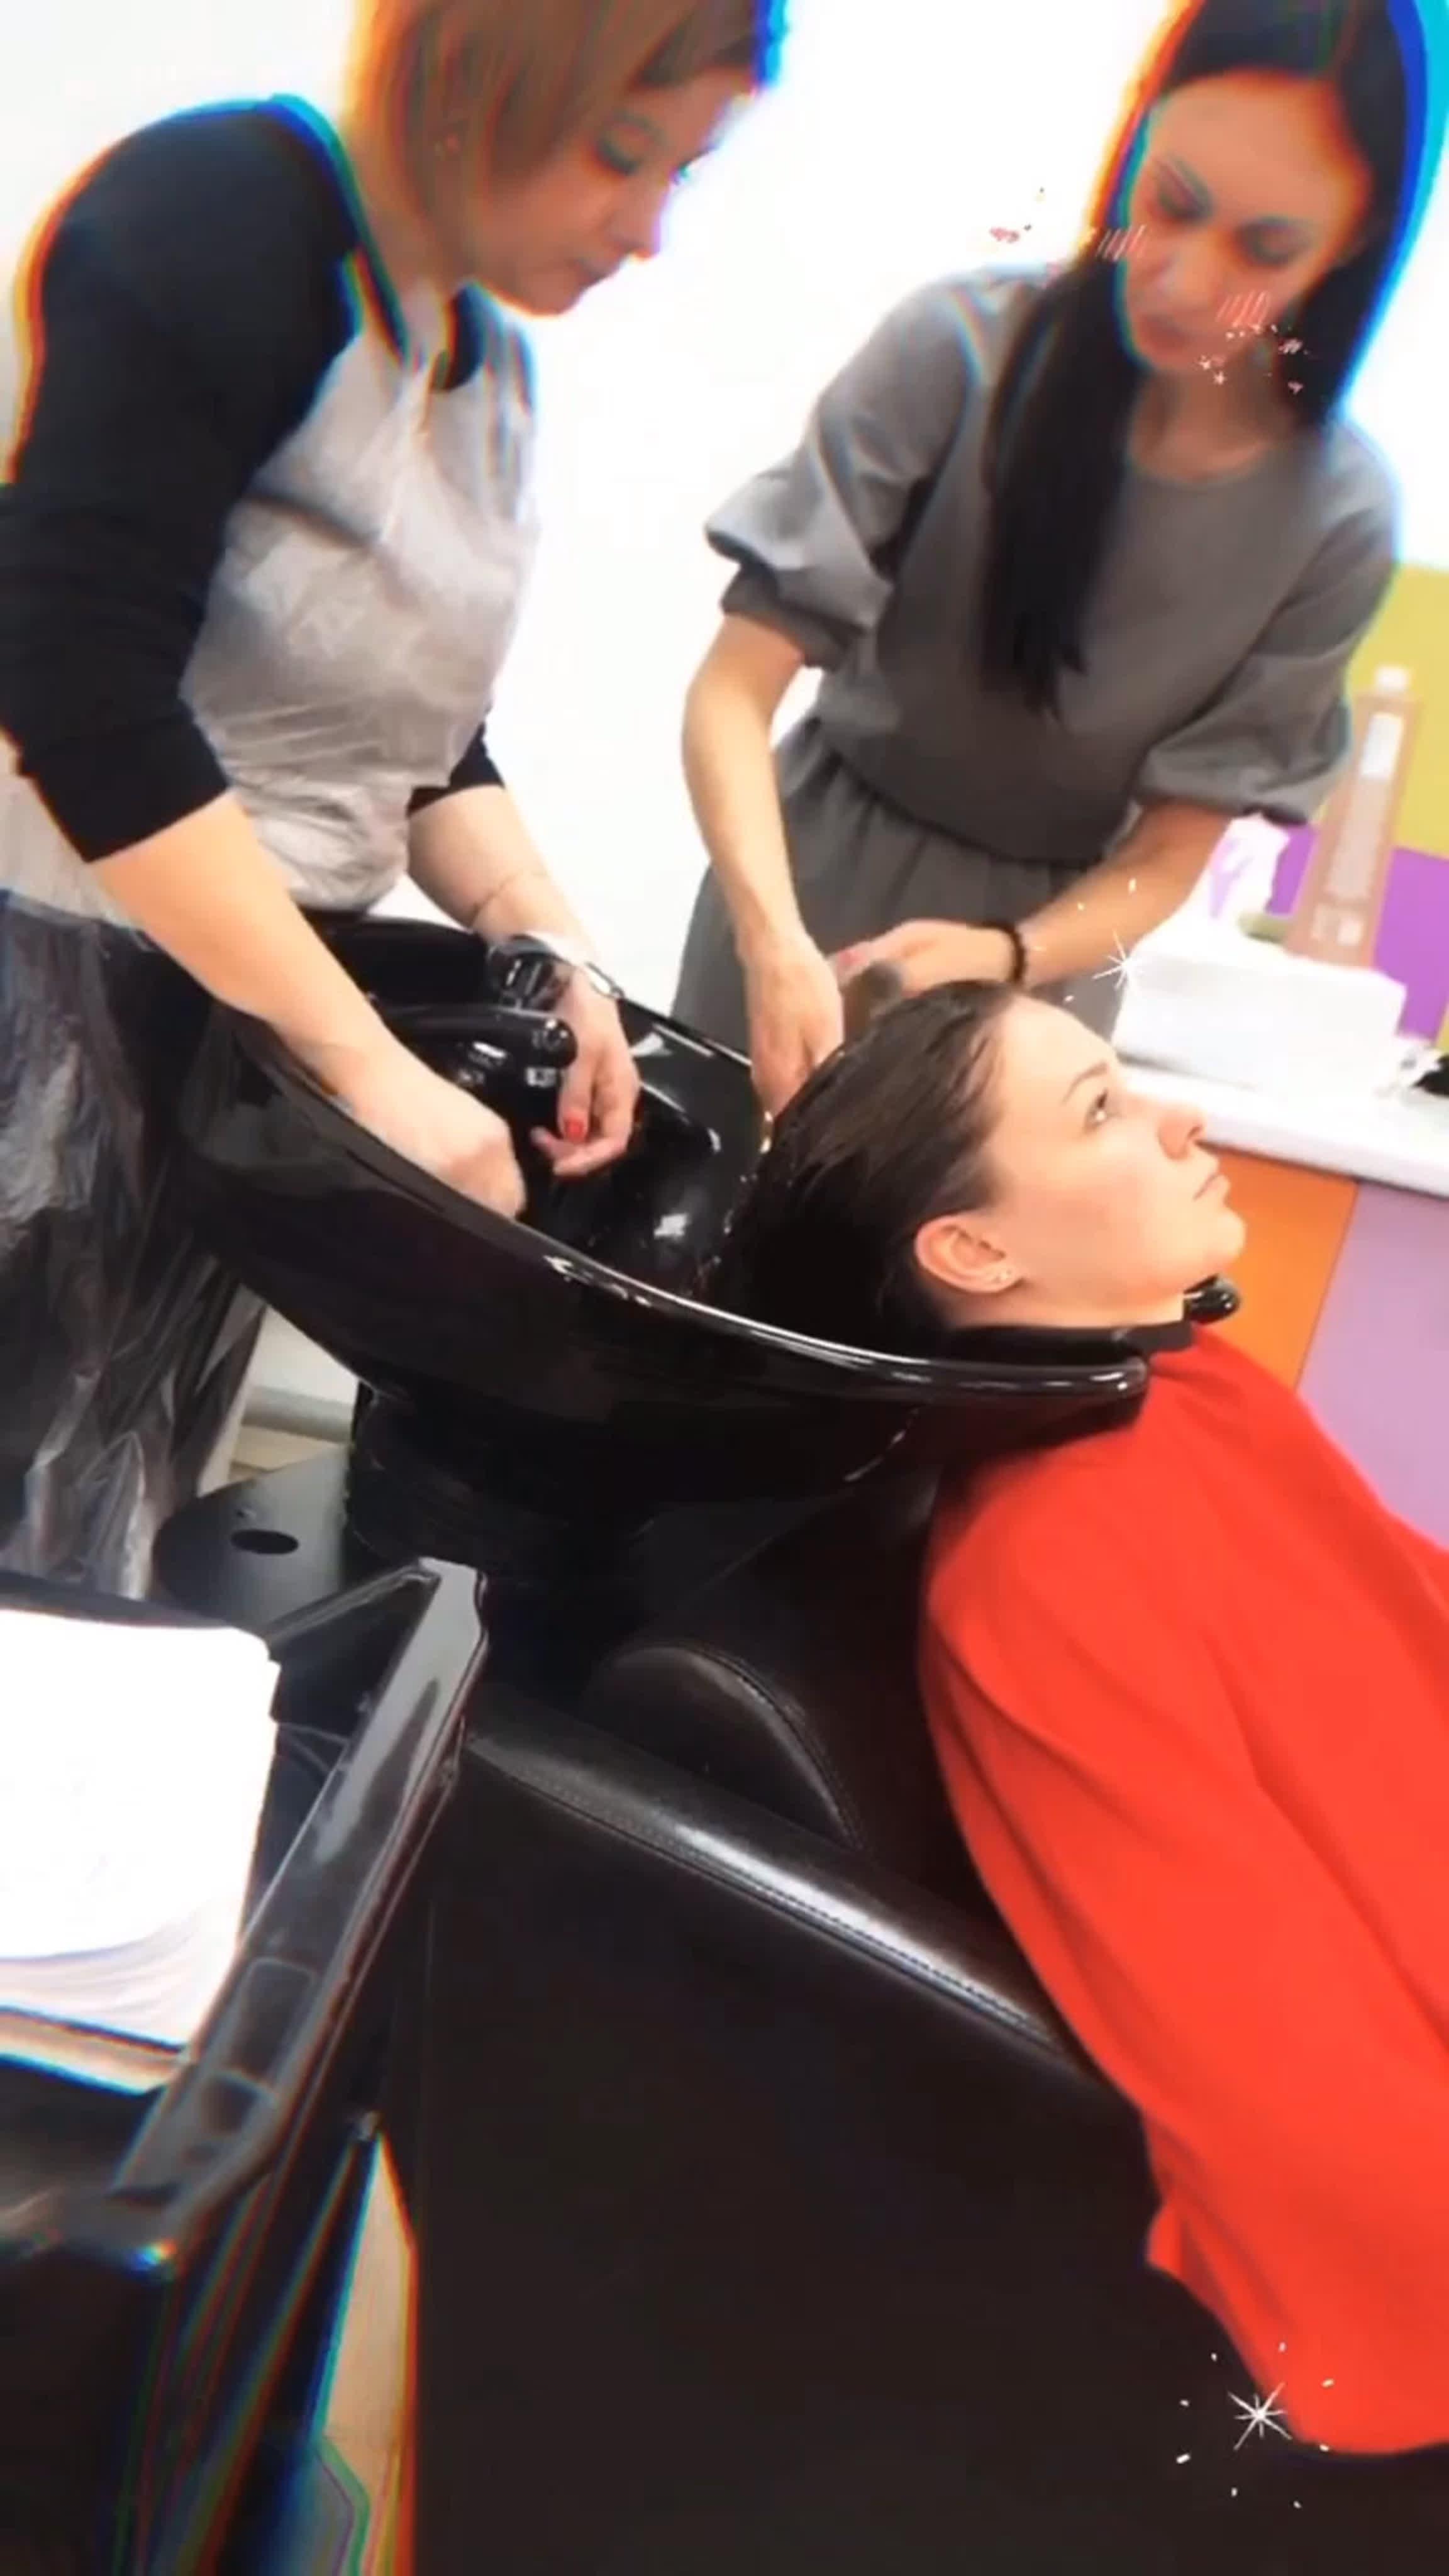 Обучение массажу привело к тройничку